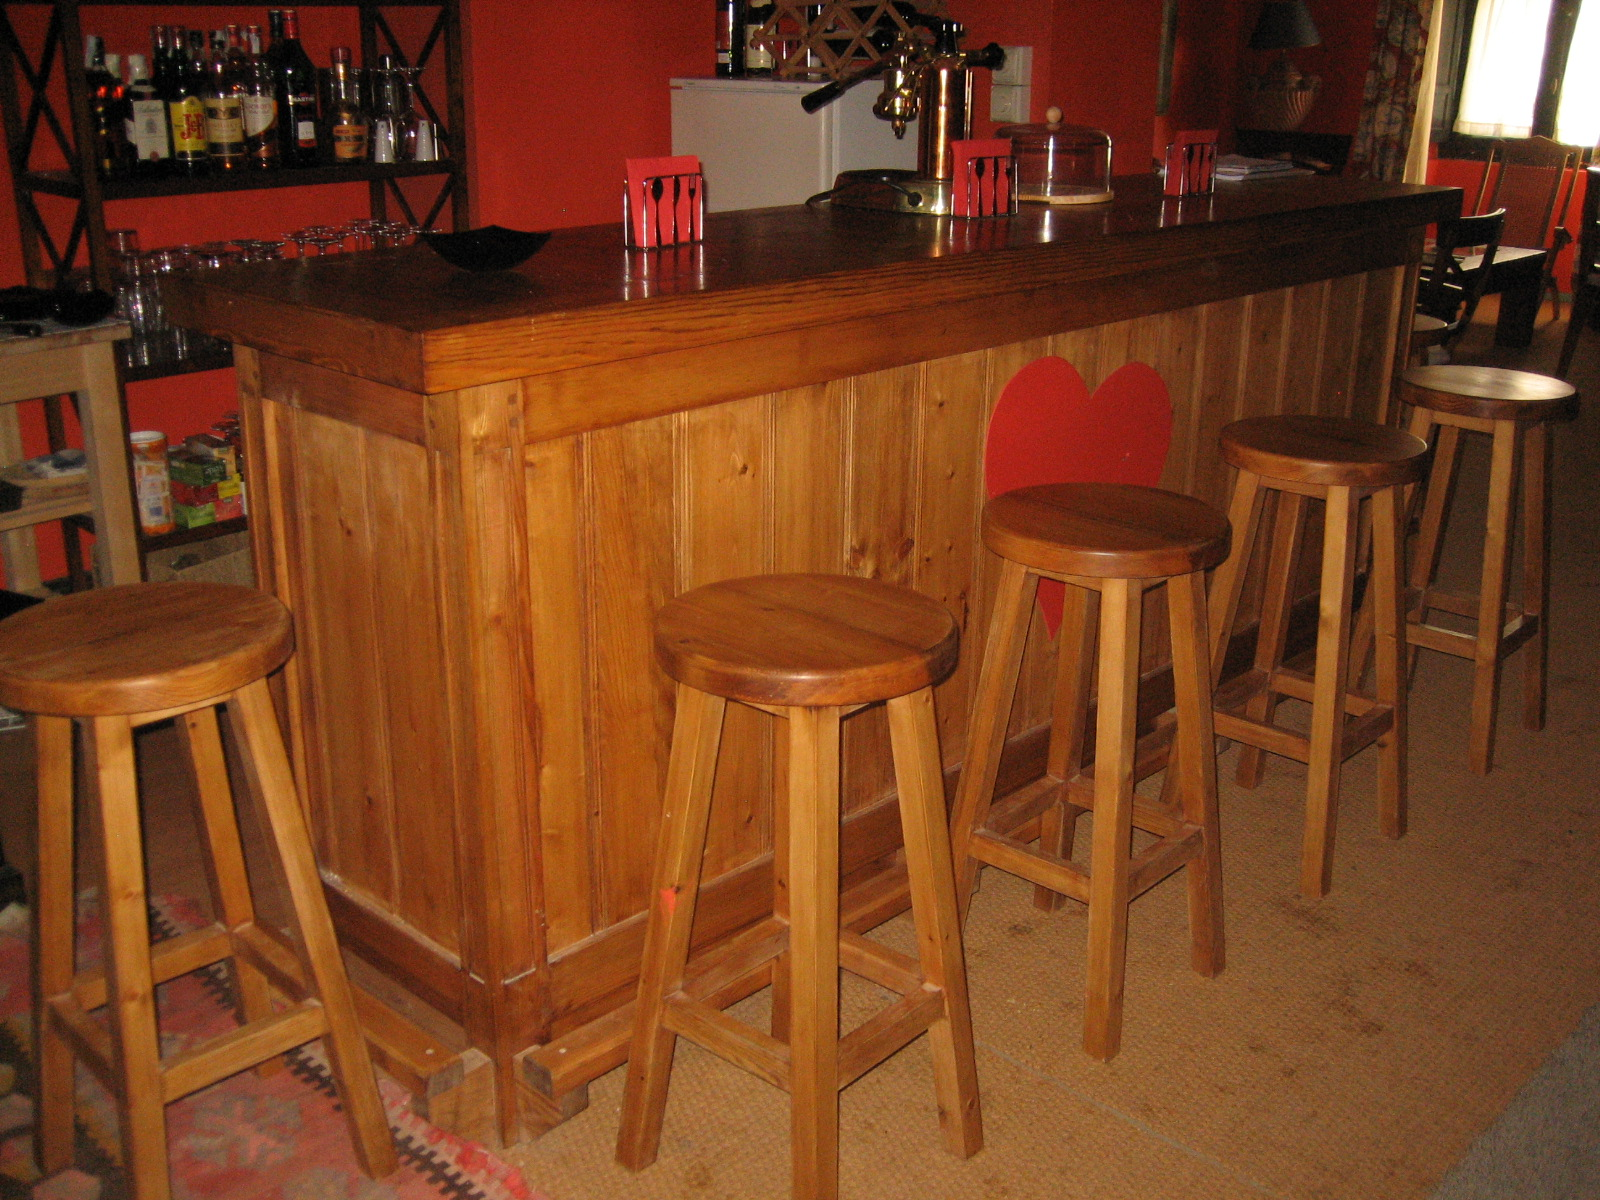 De baresmuebles de la granja muebles de la granja for Mobiliario rustico para bares